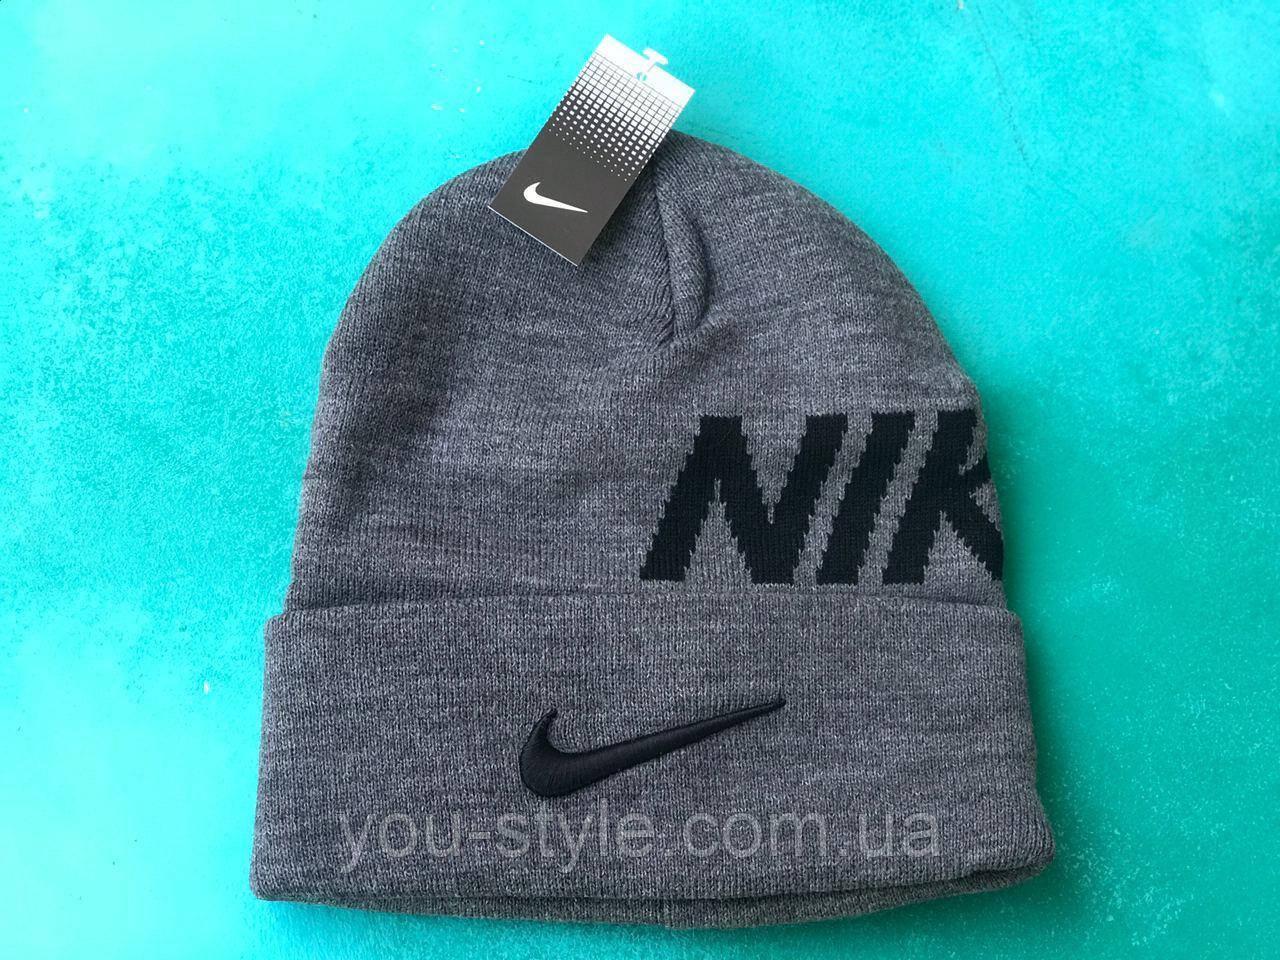 Шапка Nike  / шапка найк/ шапка женская/шапка мужская/желтый